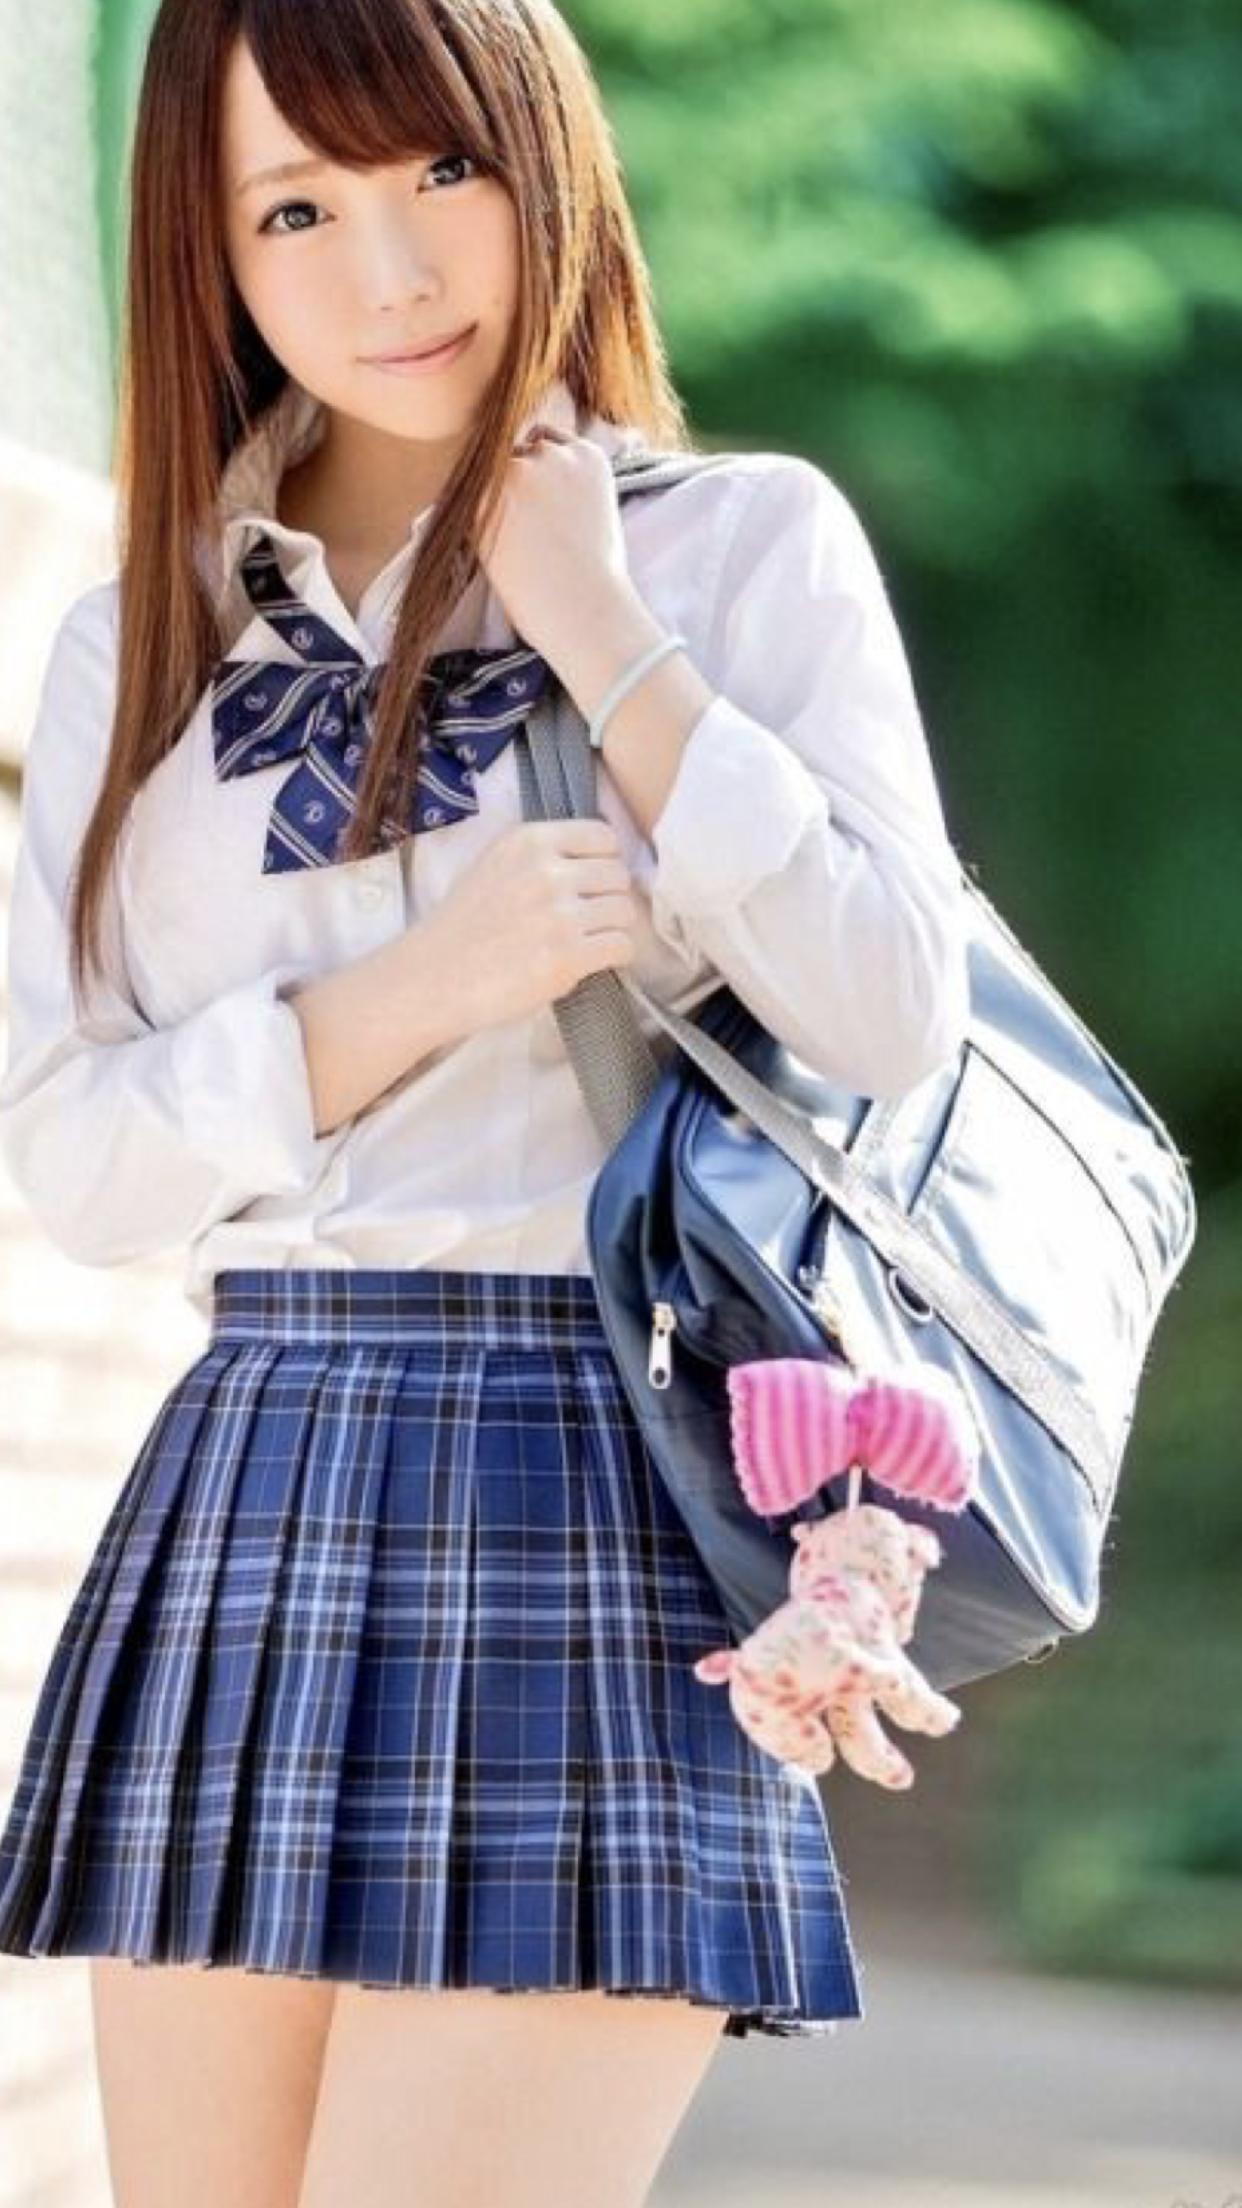 asian-dolls-schoolgirls-nude-pics-of-hot-guys